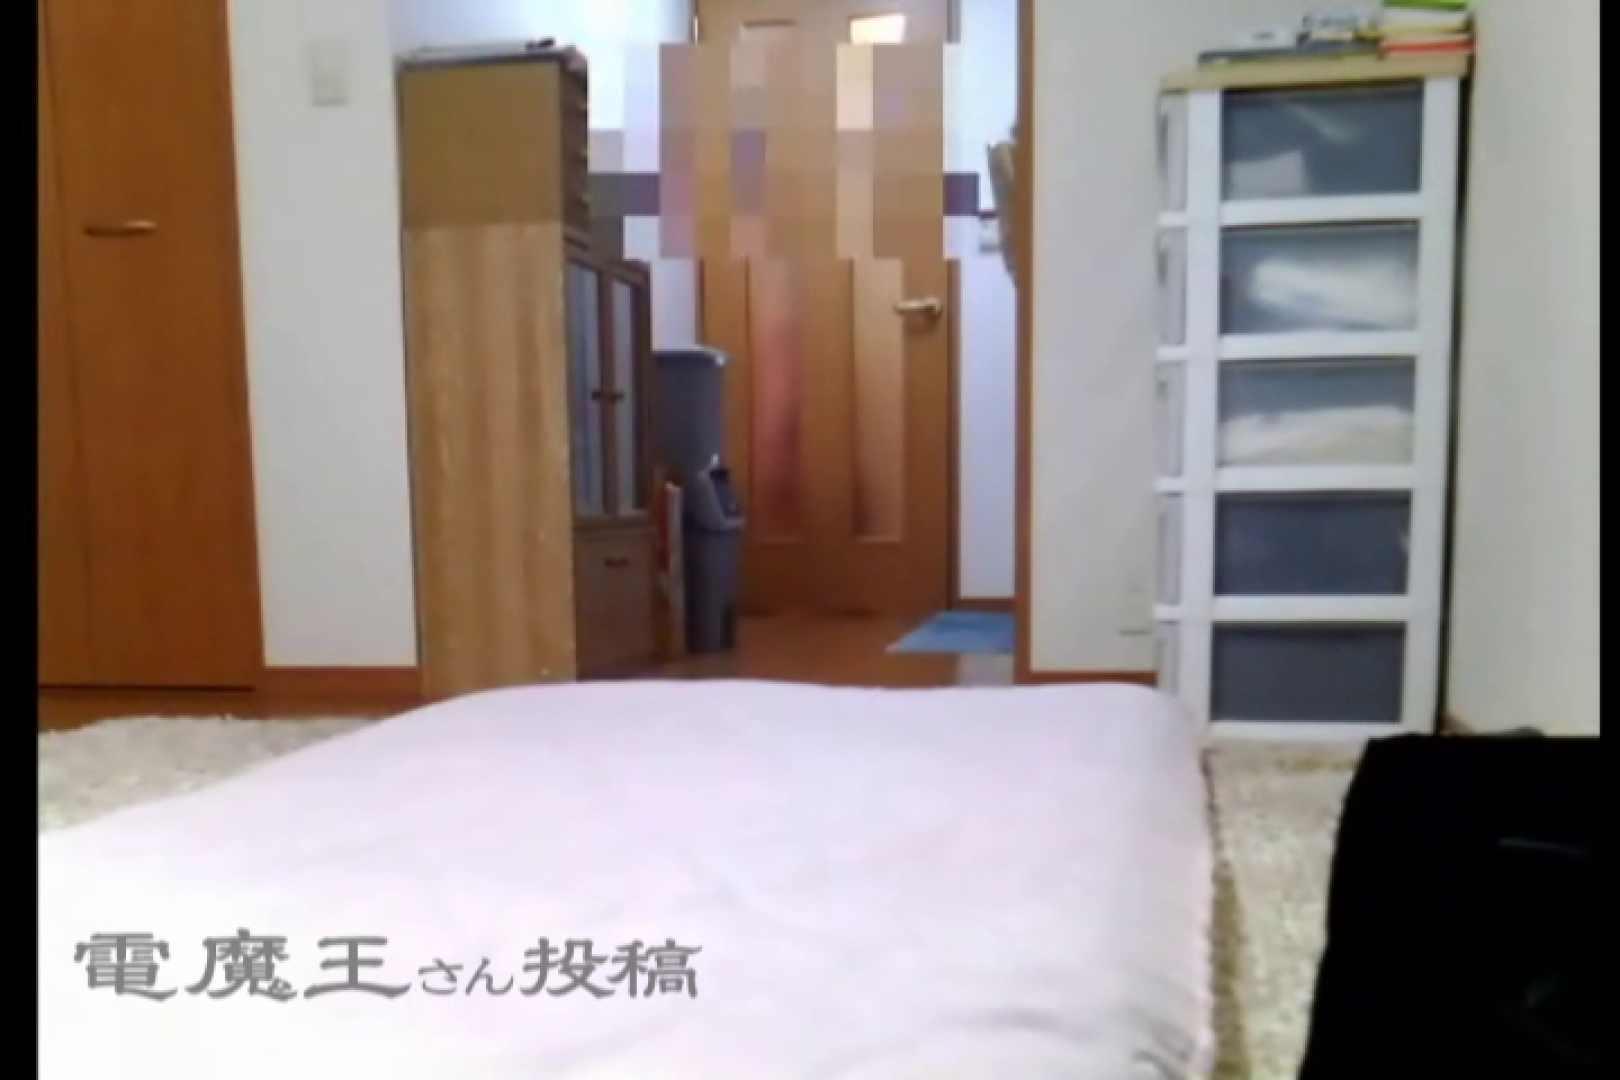 電魔王さんの「隠撮の部屋」アキラ 隠撮 | ポチャ  60画像 33